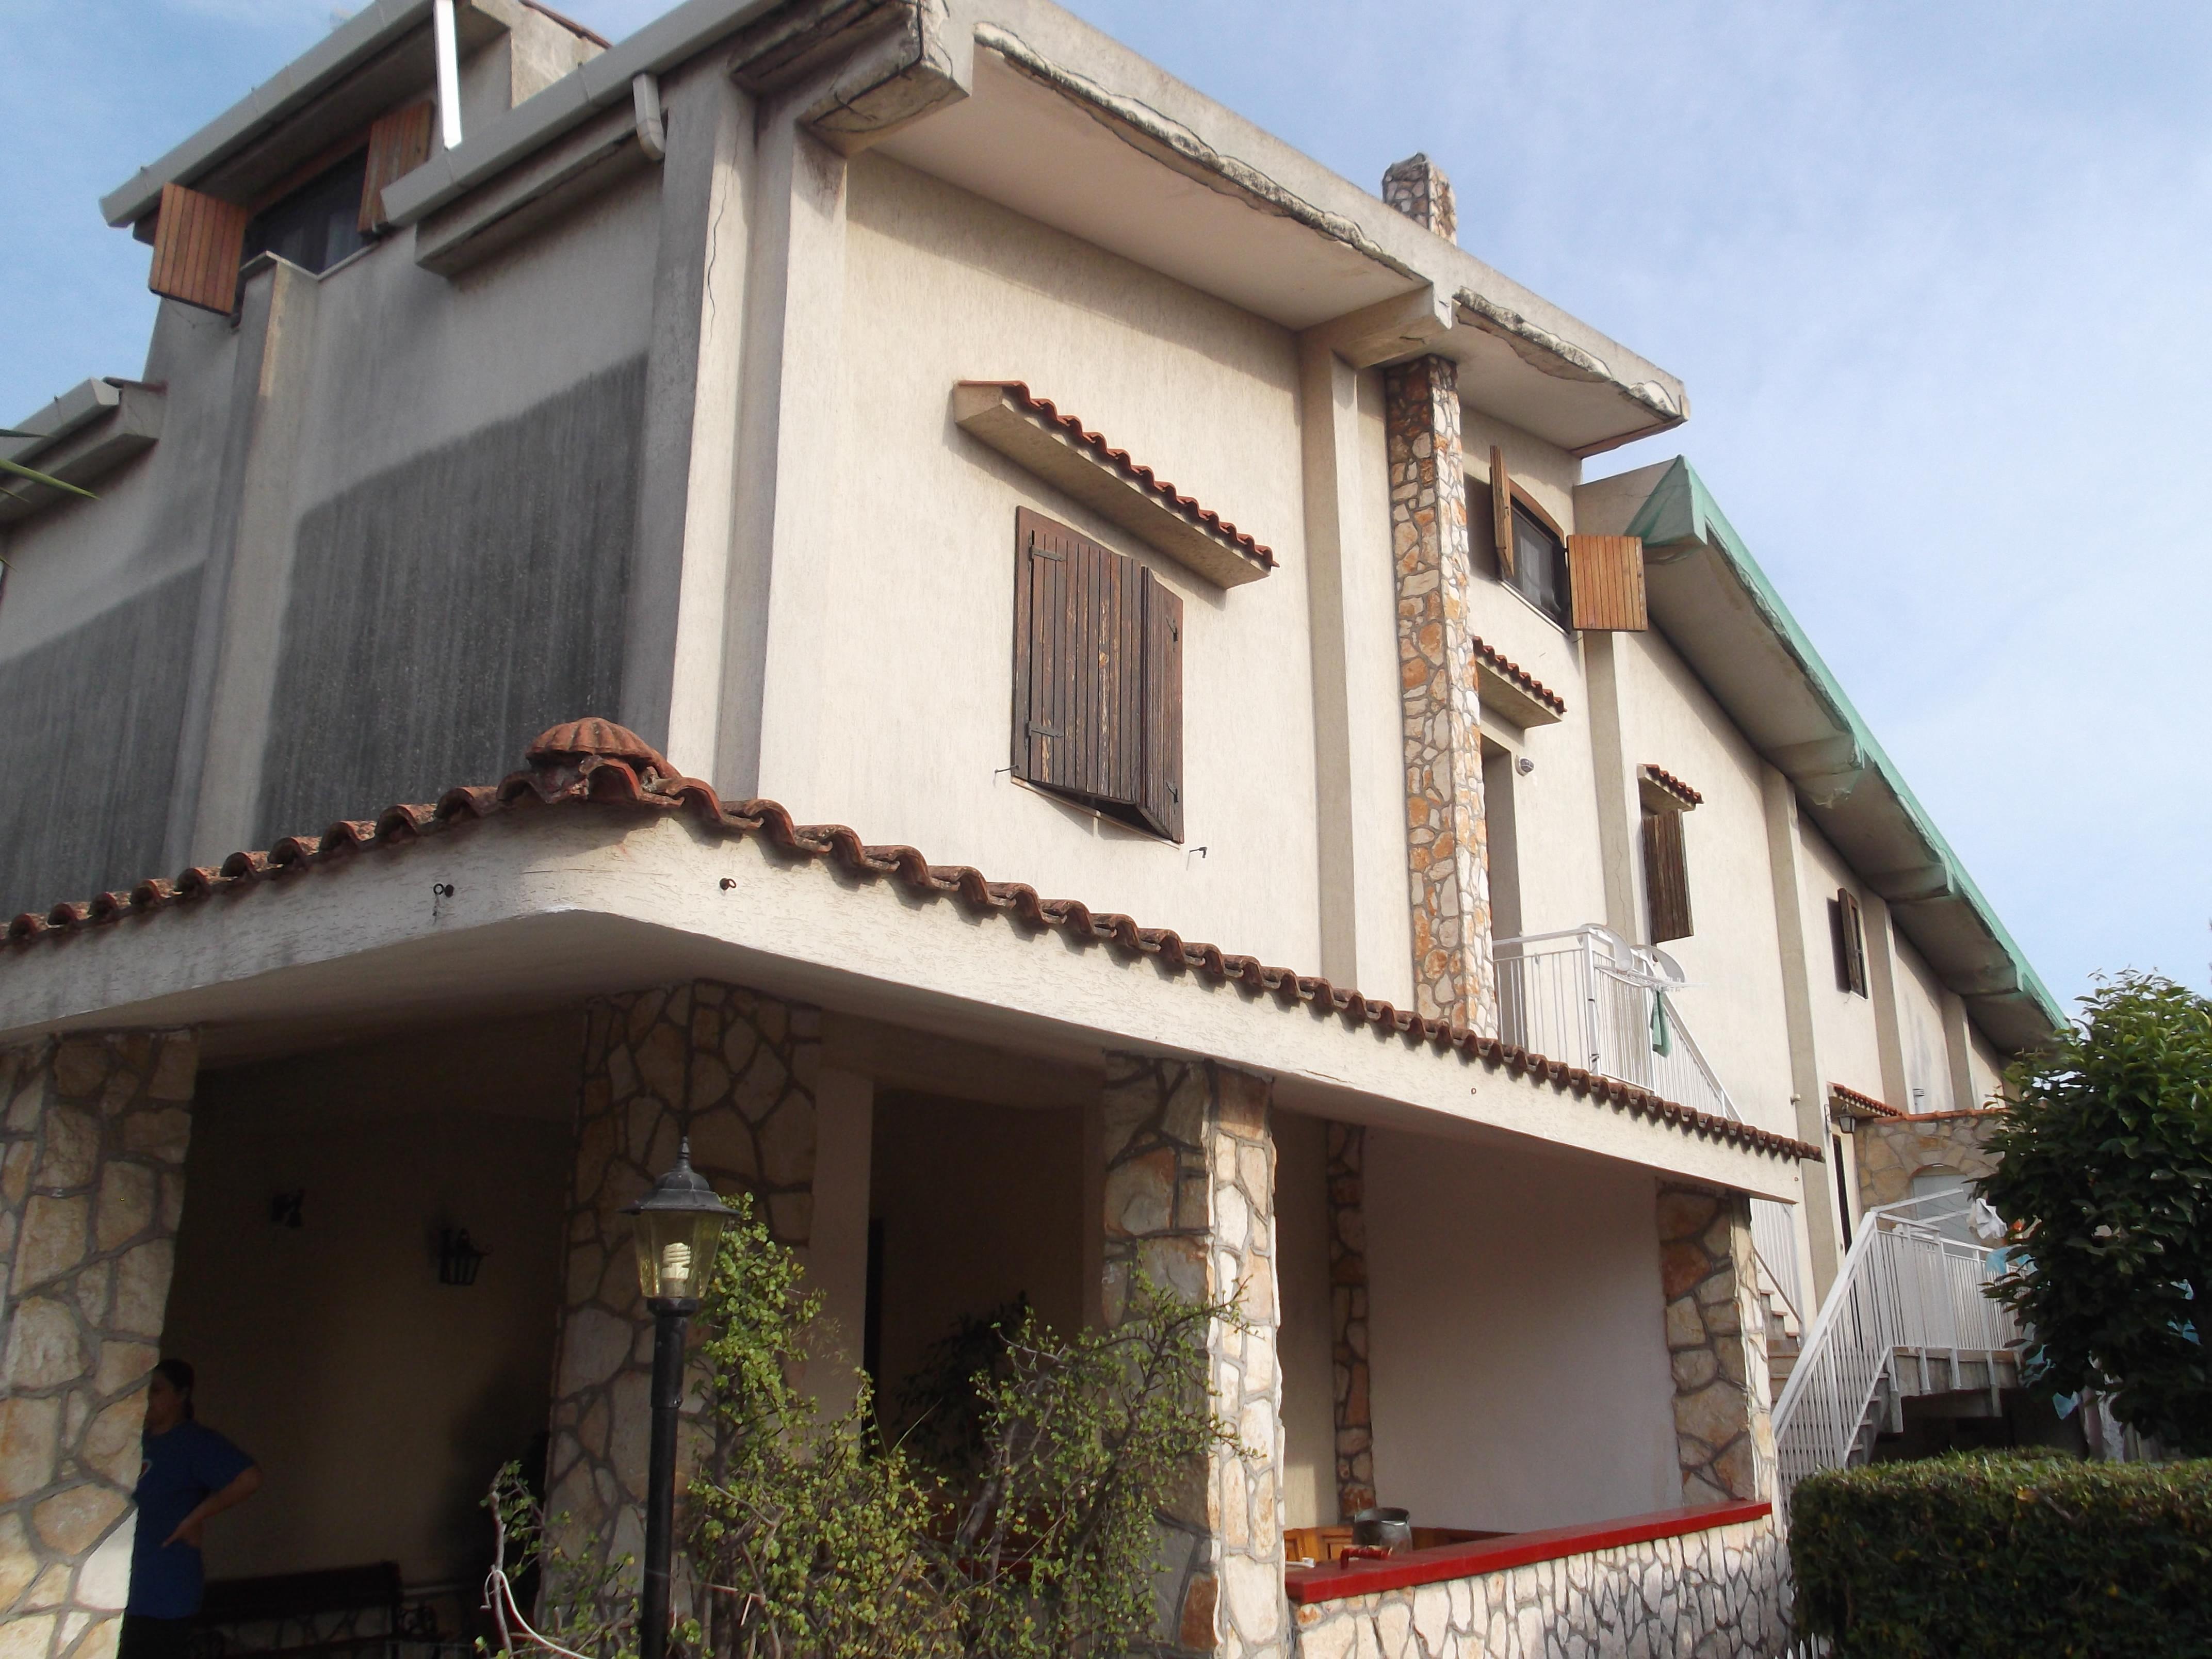 Baita - Chalet - Trullo, 610 Mq, Vendita - Taranto